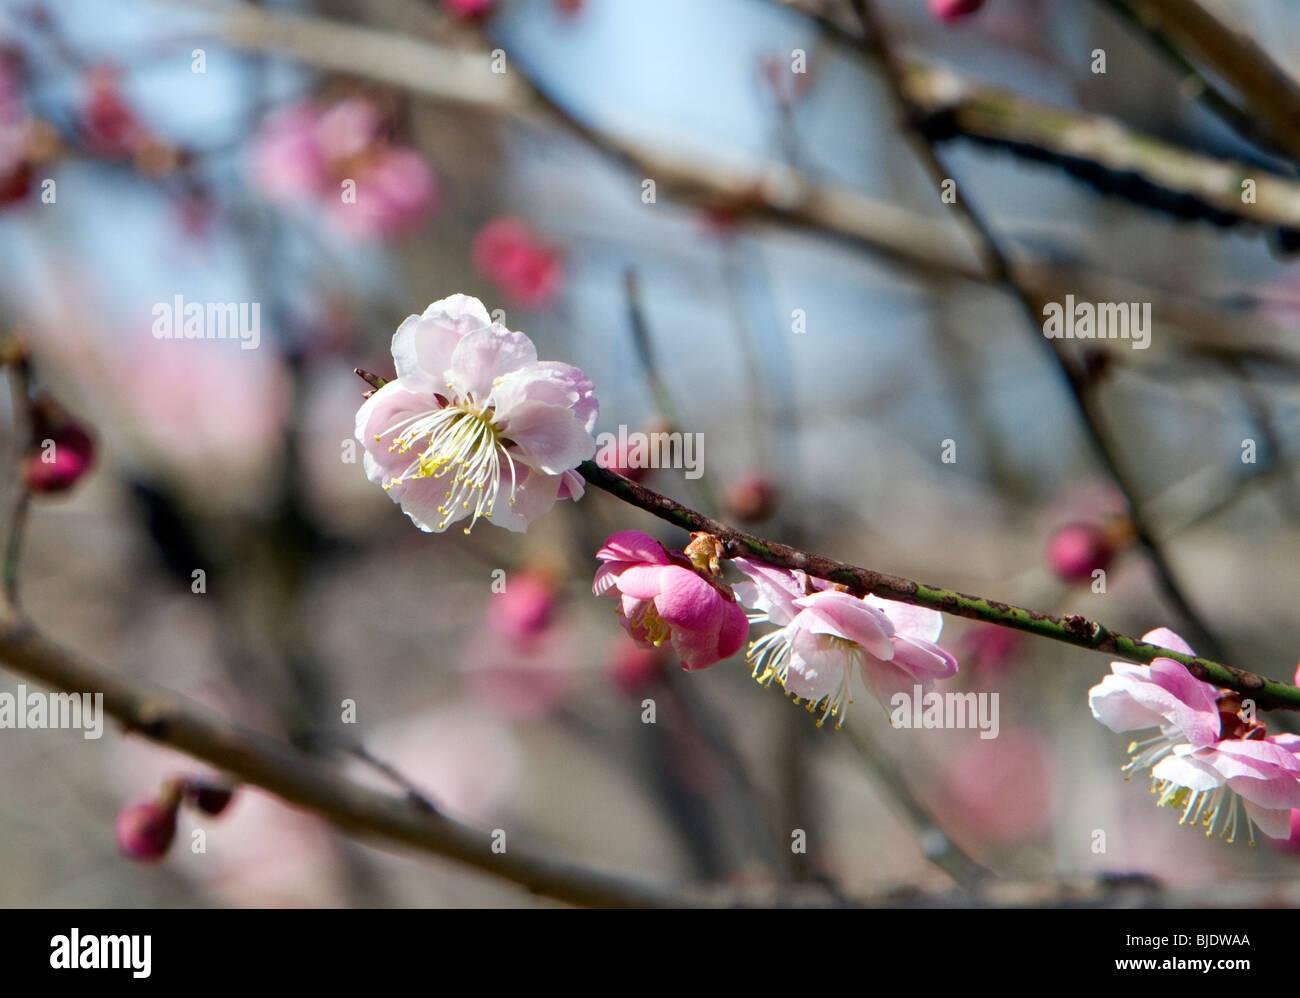 Eine japanische Prunus Mume Ume Winter Aprikose Frühlingsblüten. Closeup am Ende eines Stammes. Stockbild